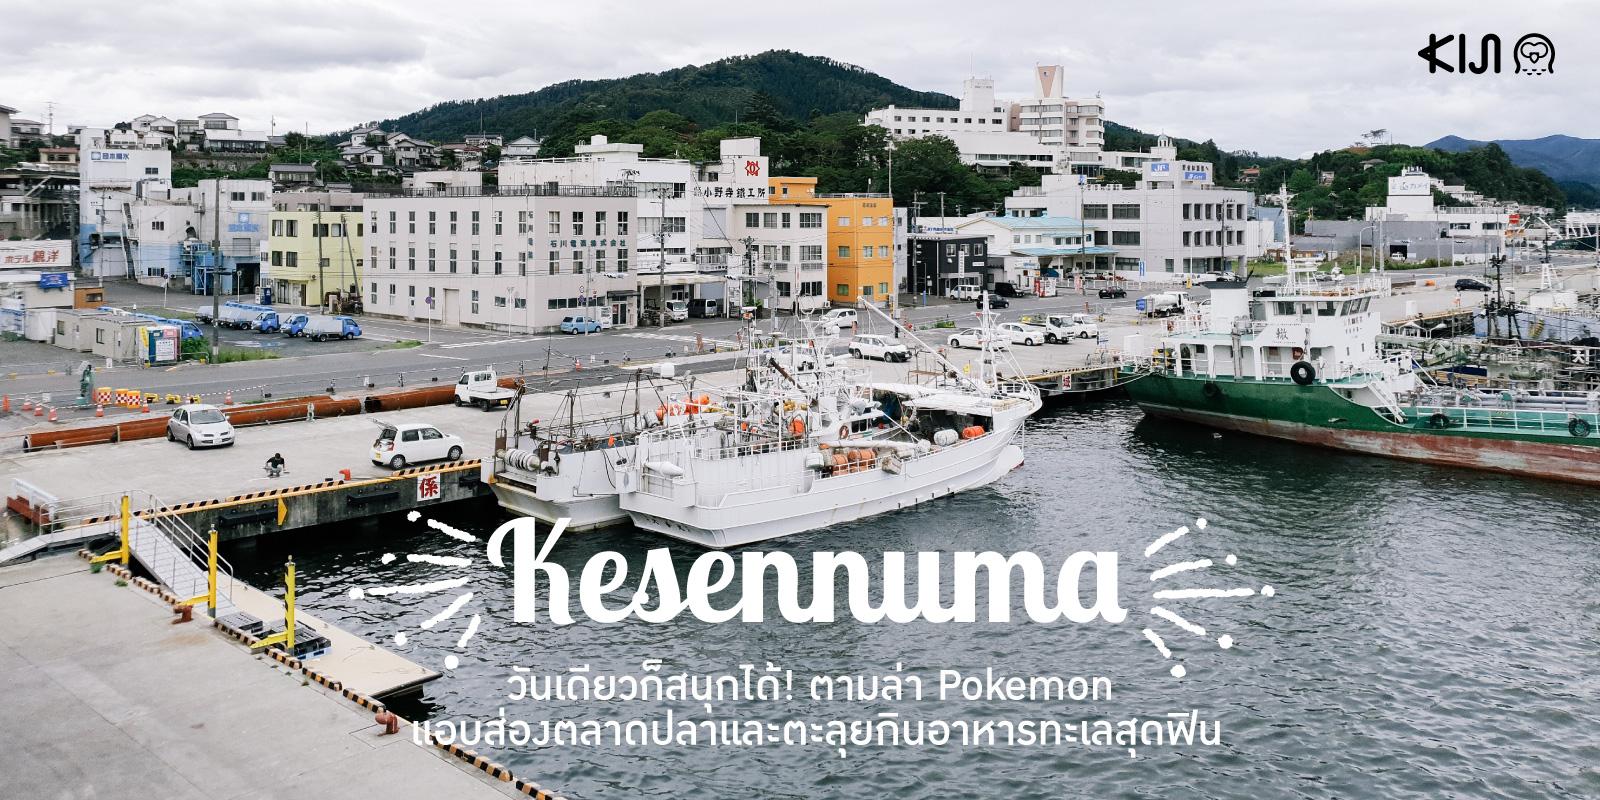 เมืองเคเซ็นนุมะ (Kesennuma) จ.มิยากิ (Miyagi)